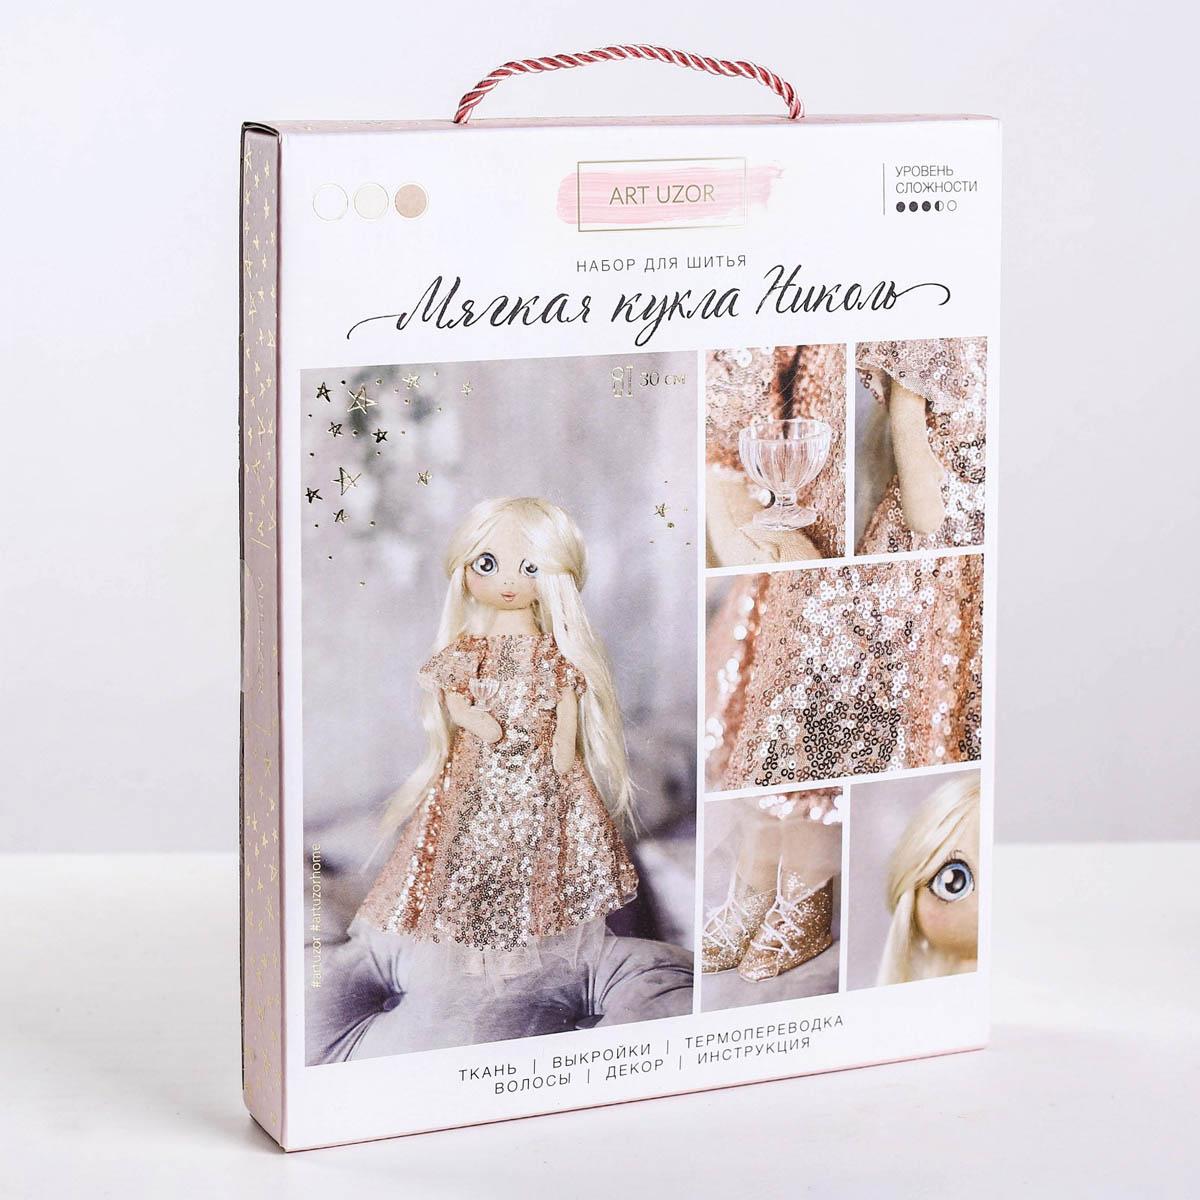 3548679 Интерьерная кукла 'Николь', набор для шитья, 18 * 22.5 * 3 см